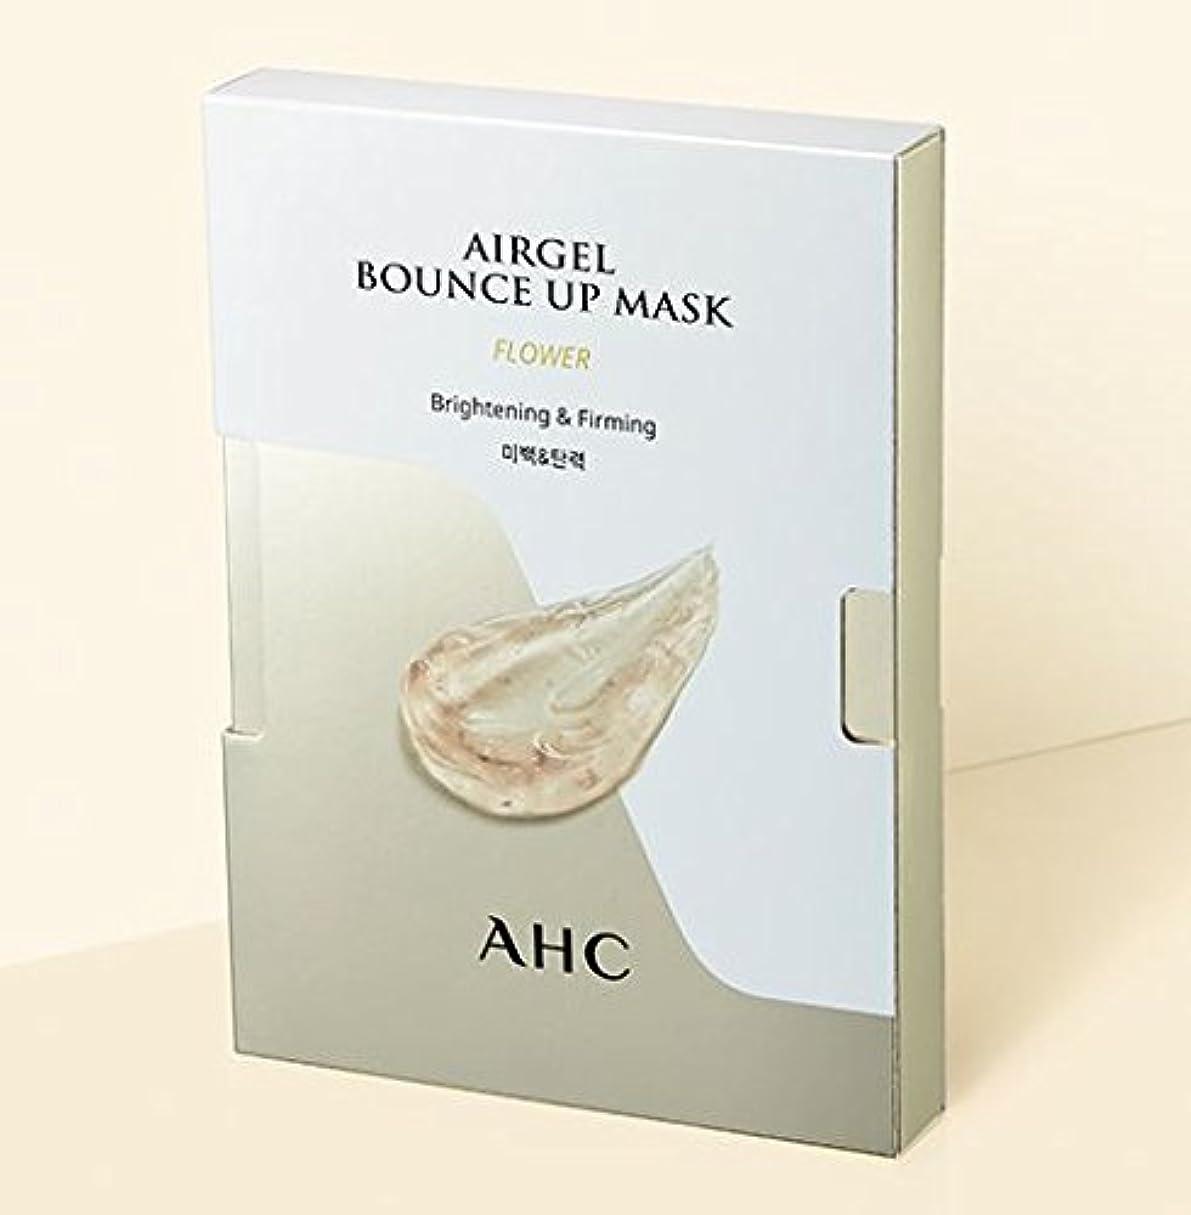 シガレットボリューム常識[A.H.C] Airgel Bounce Up Mask FLOWER (Brightening&Firming)30g*5sheet/フラワーエアゲルマスク30g*5枚 [並行輸入品]